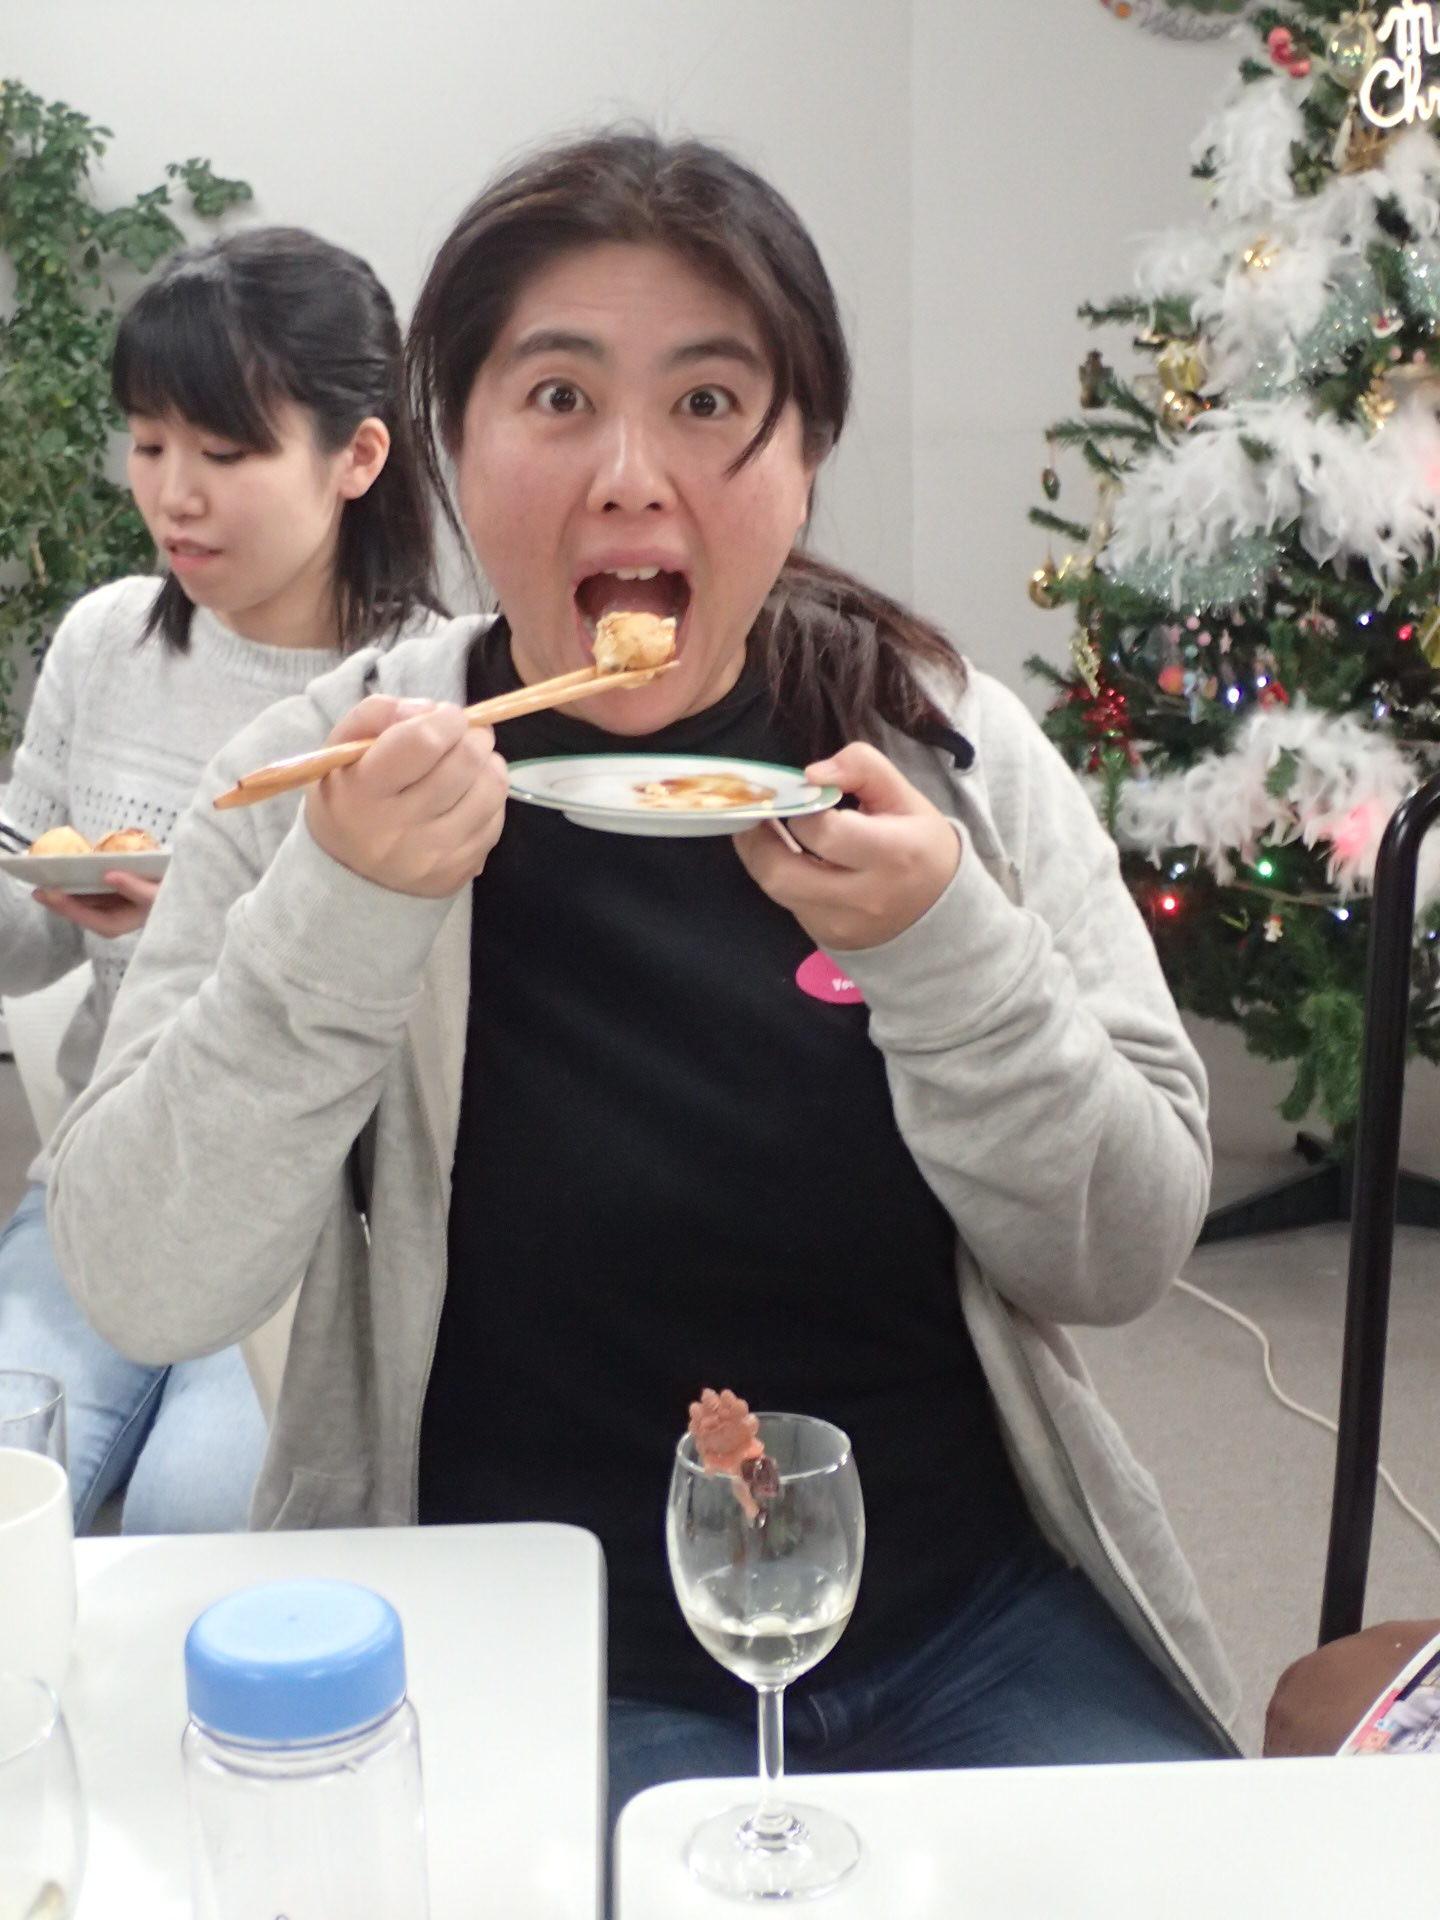 ウンガァ〜〜〜〜(爆)